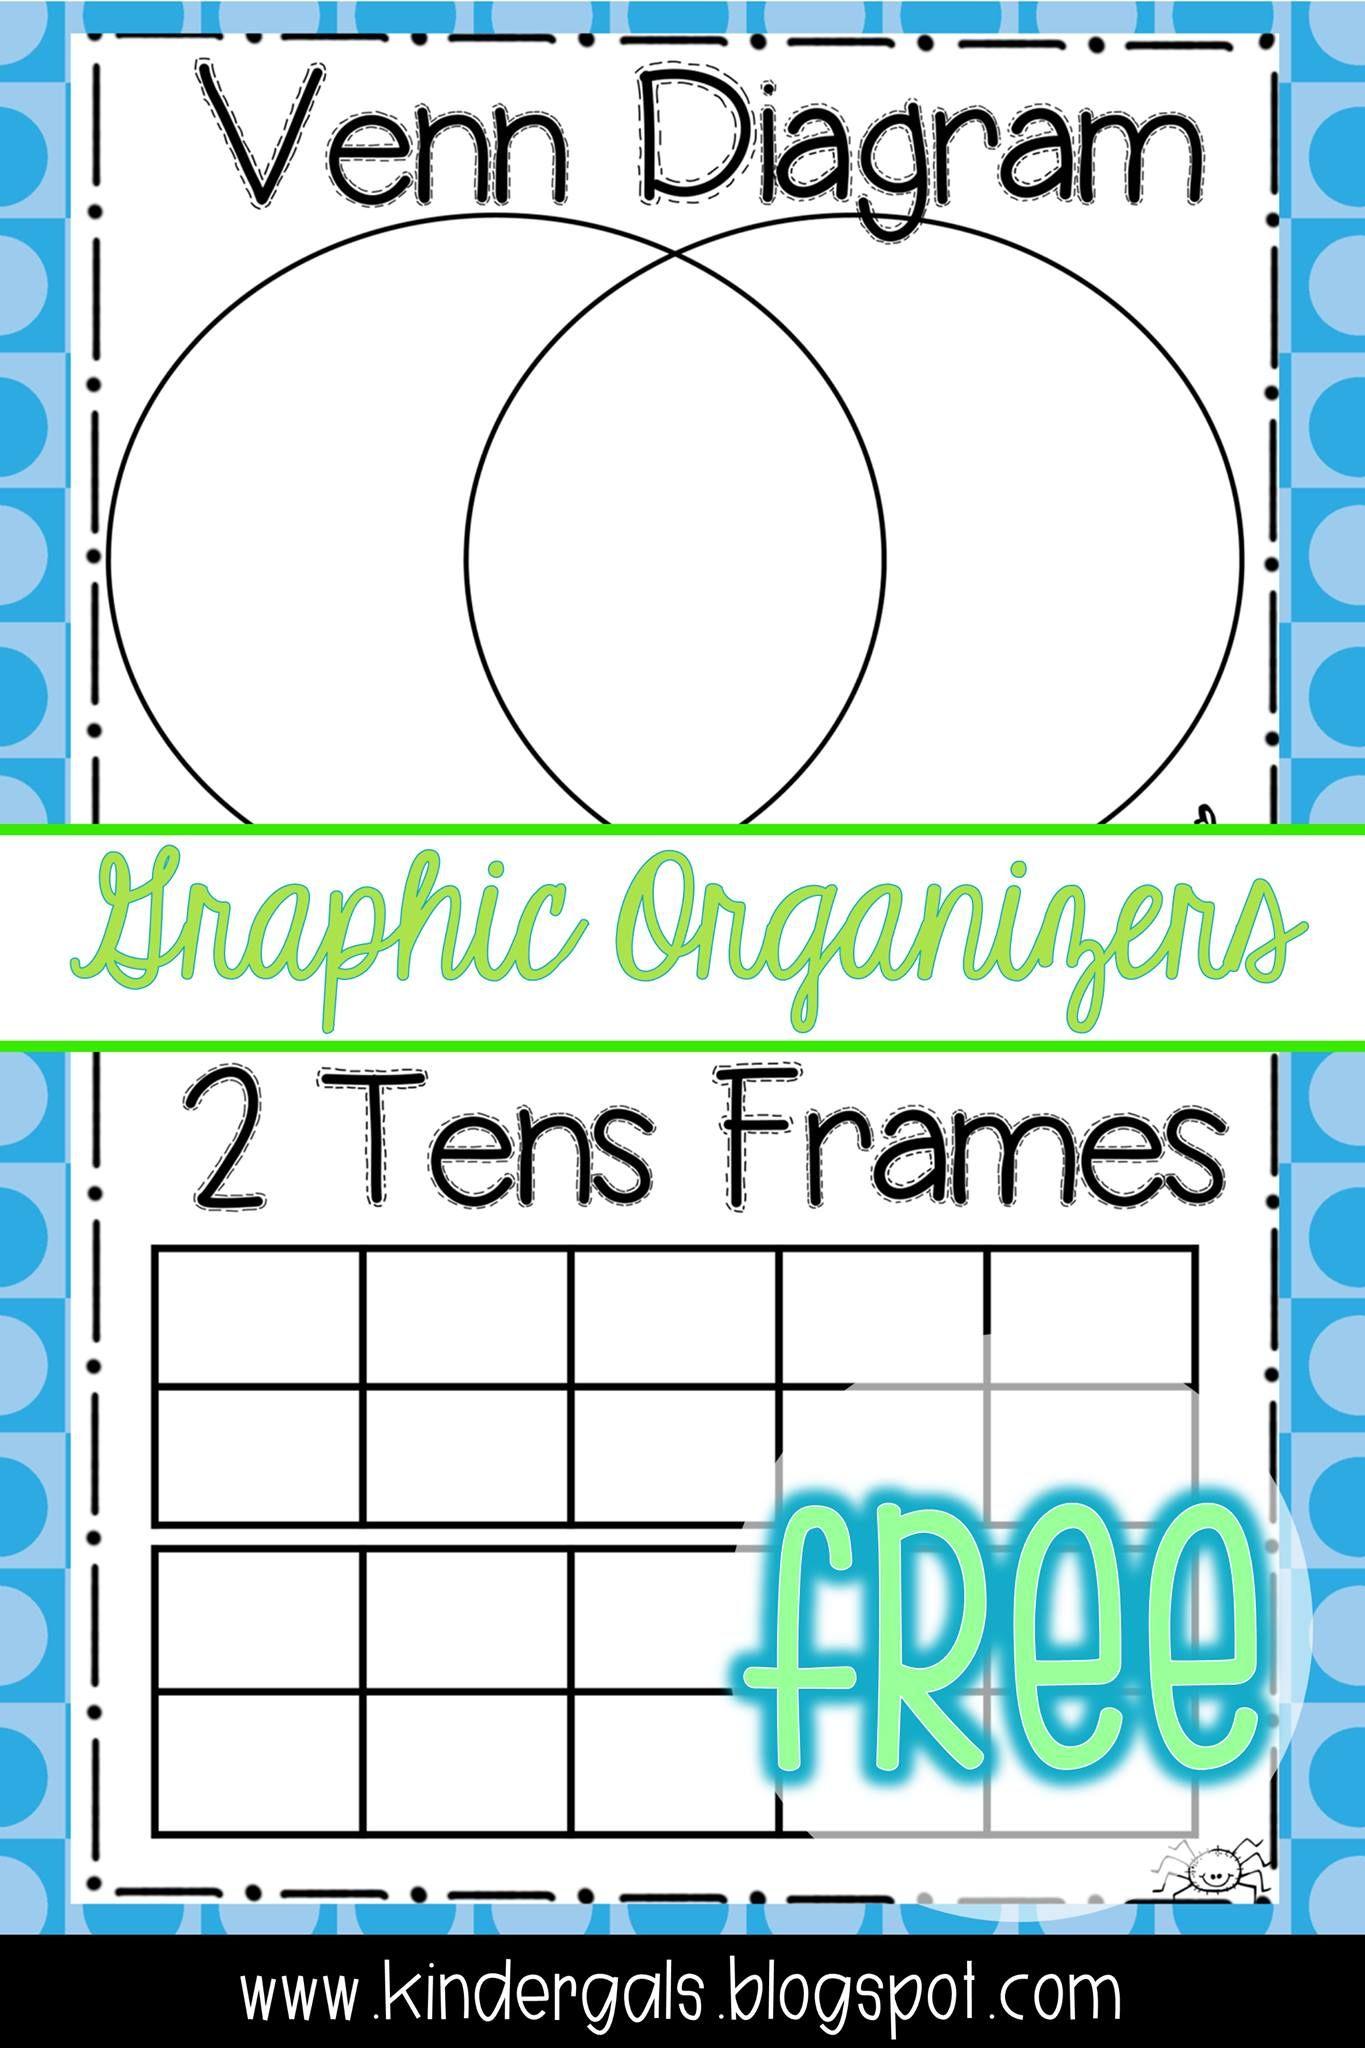 Venn Diagram And 2 Tens Frames Free Downloads For Kindergarten Teachers Math Centers Teacher Hacks Education Math [ 2048 x 1365 Pixel ]